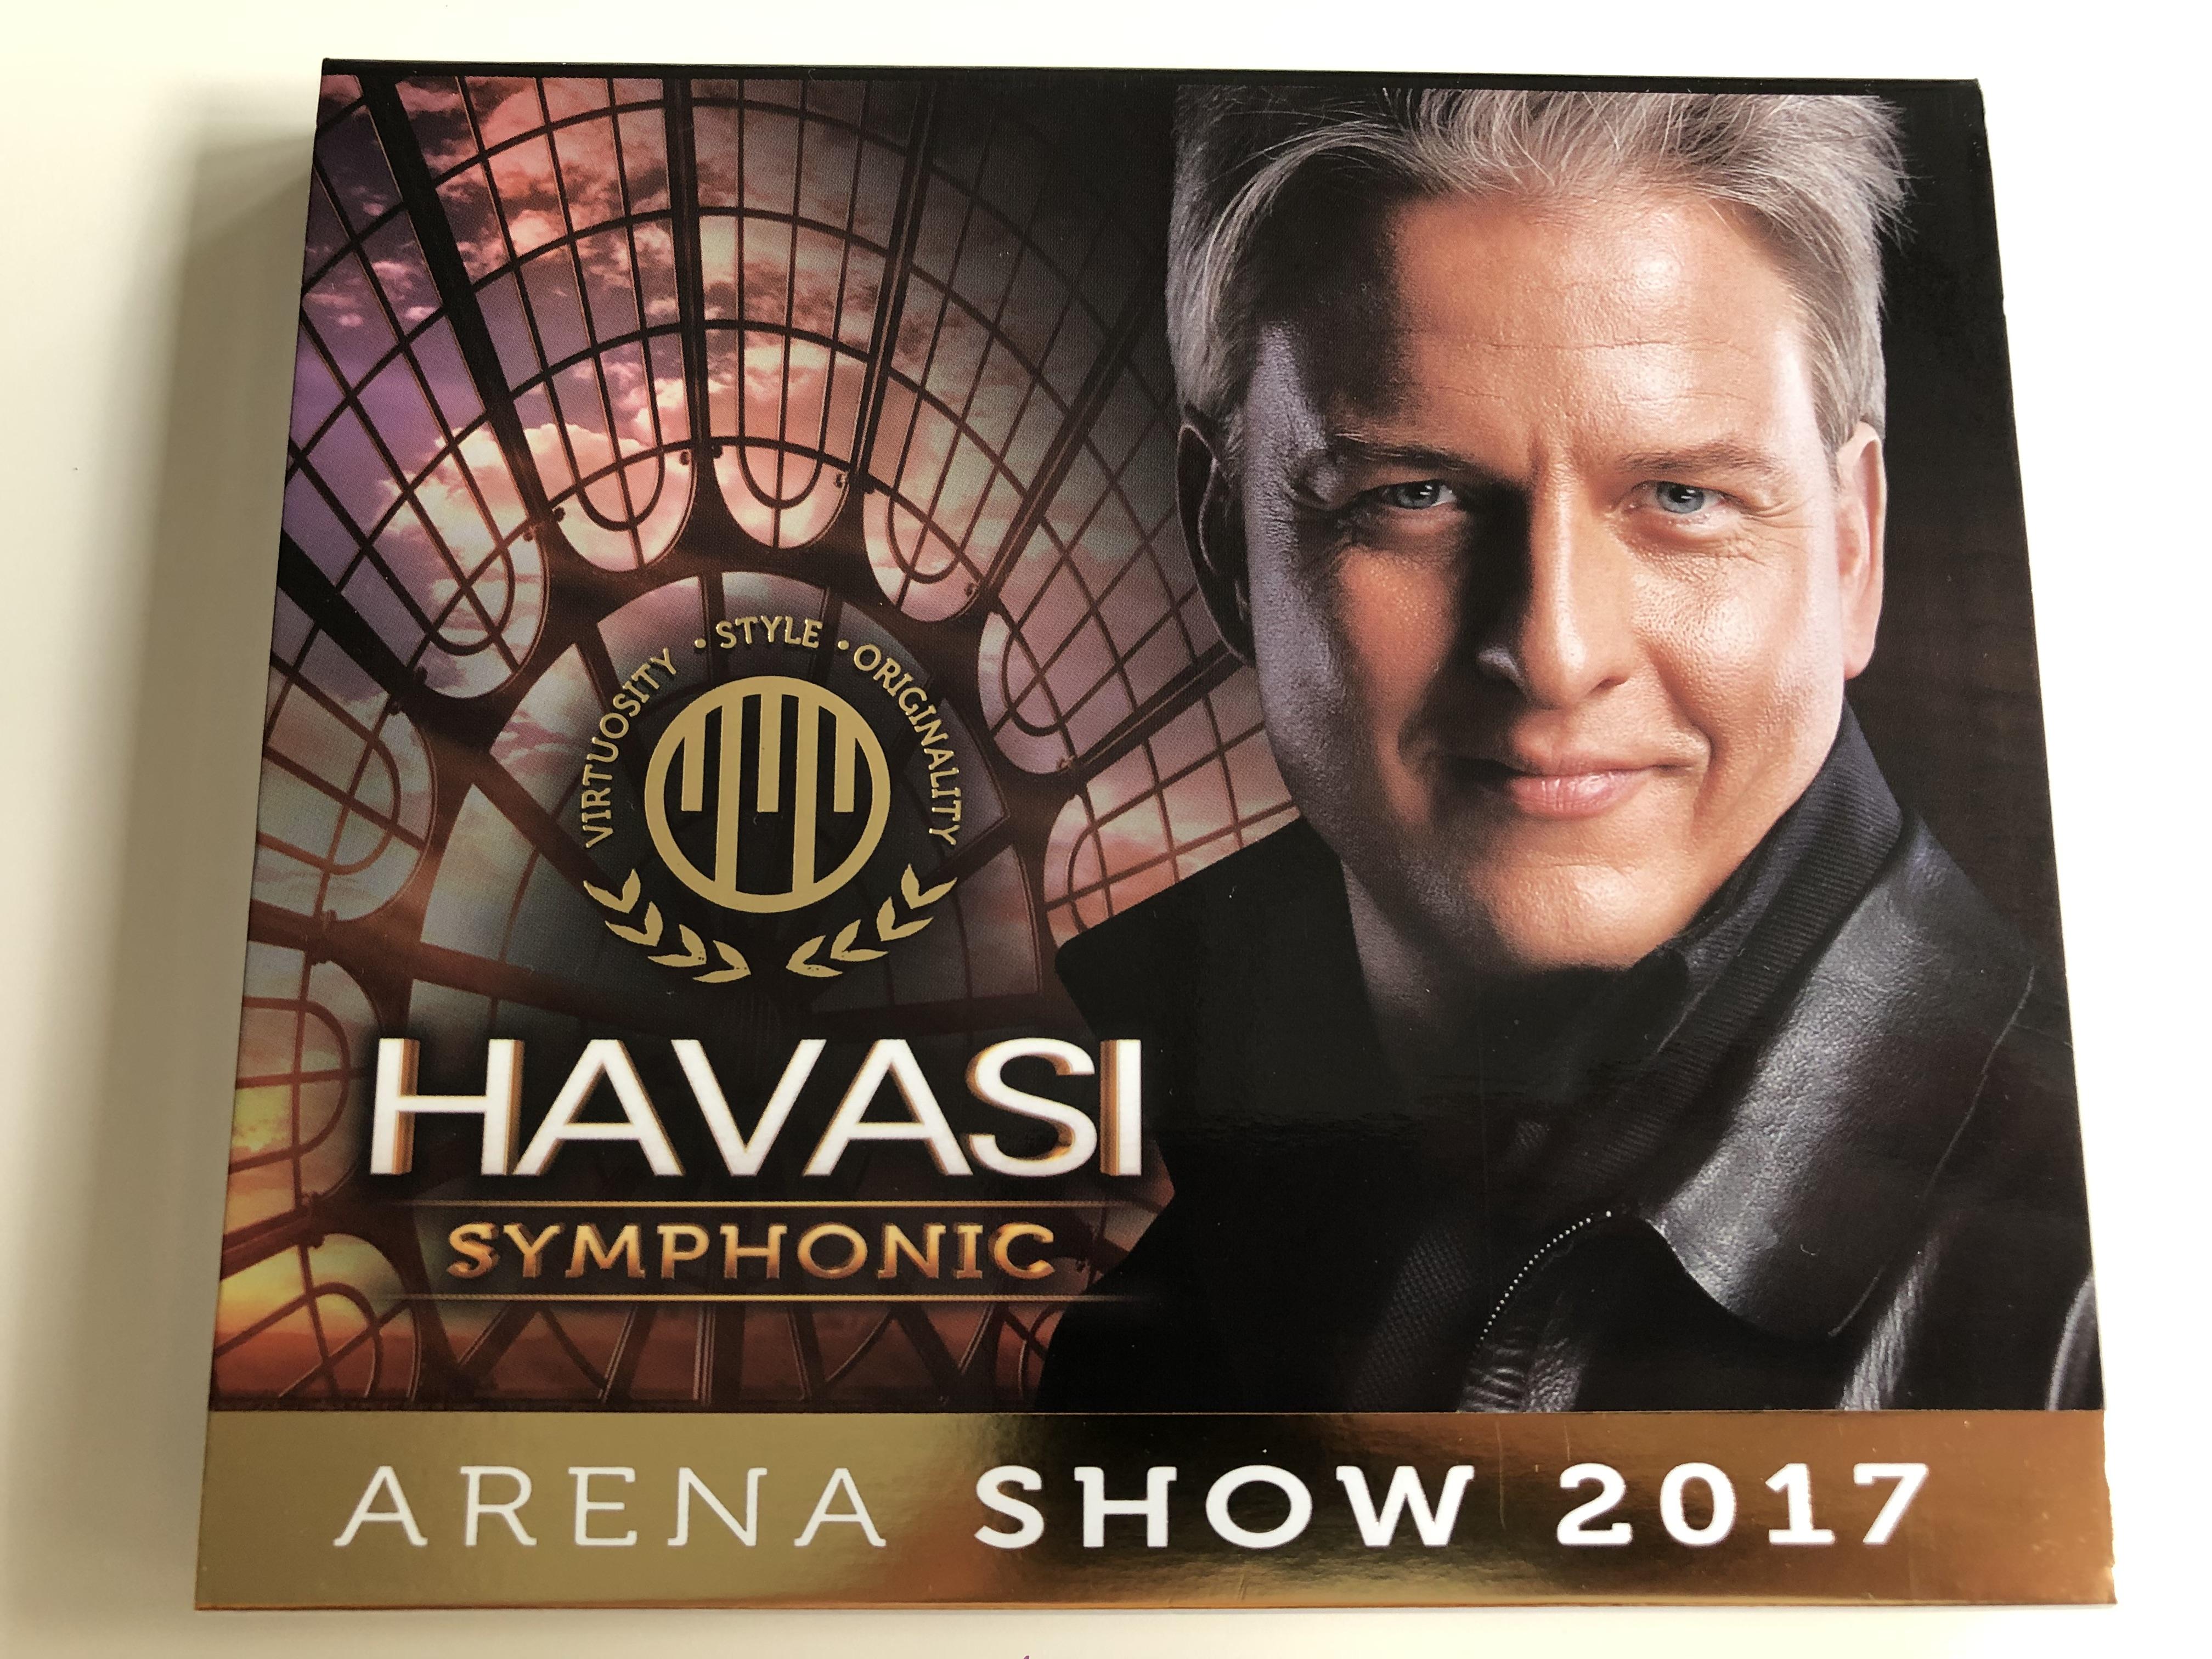 havasi-bal-zs-symphonic-arena-show-2017-1-.jpg